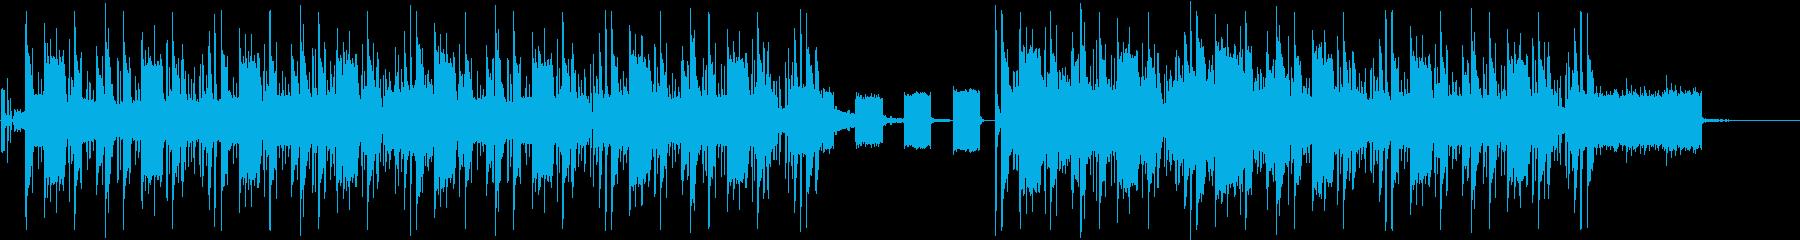 走り去るヘッドライト/スローモーションの再生済みの波形